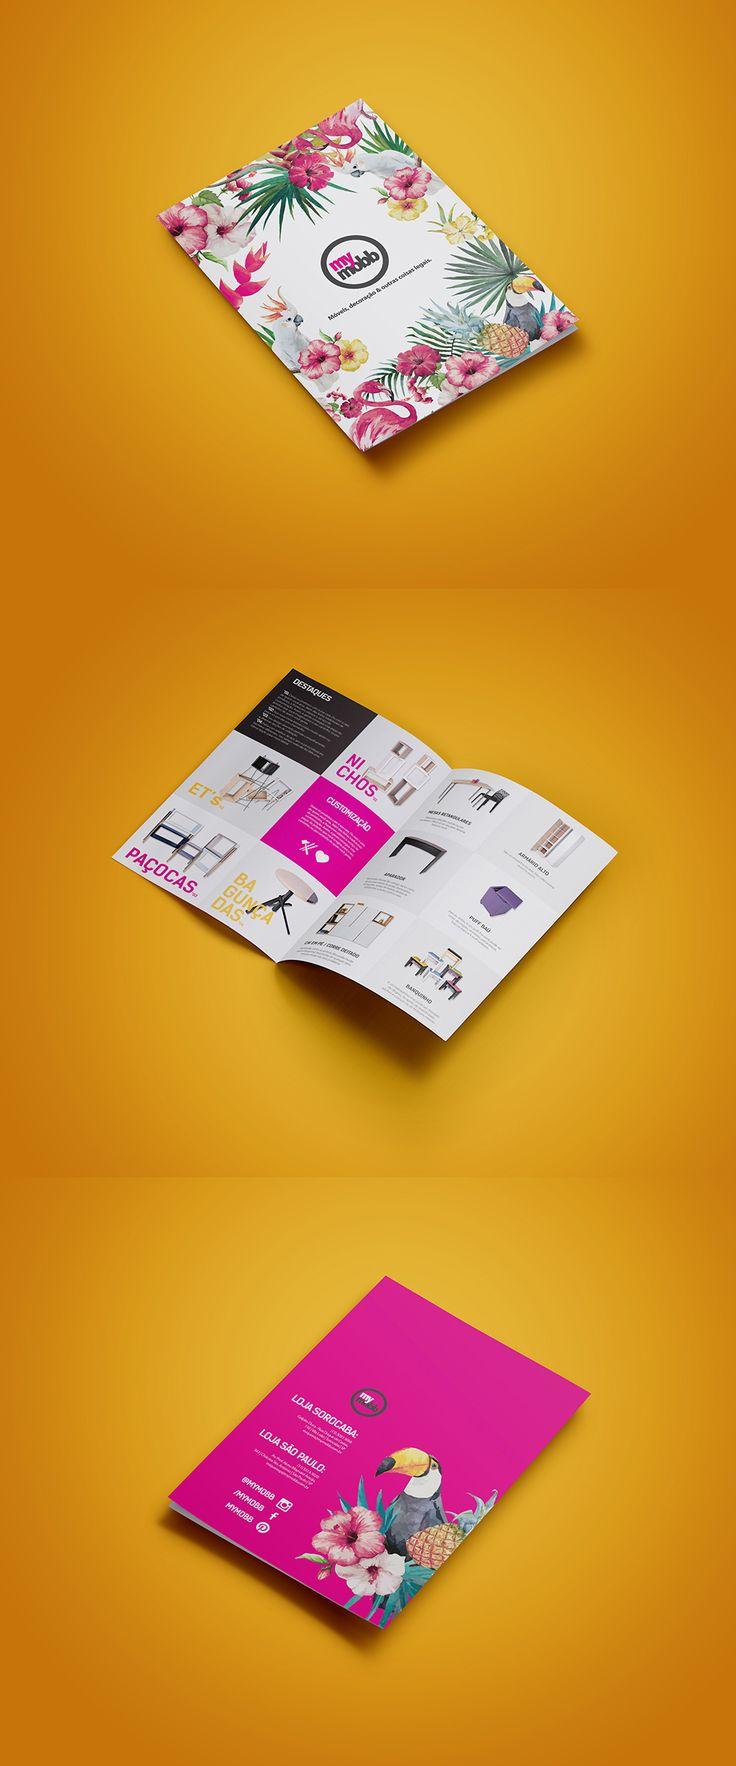 Catálogo My Mobb Criação do catálogo de produtos da loja My Mobb, com sede em Sorocaba.